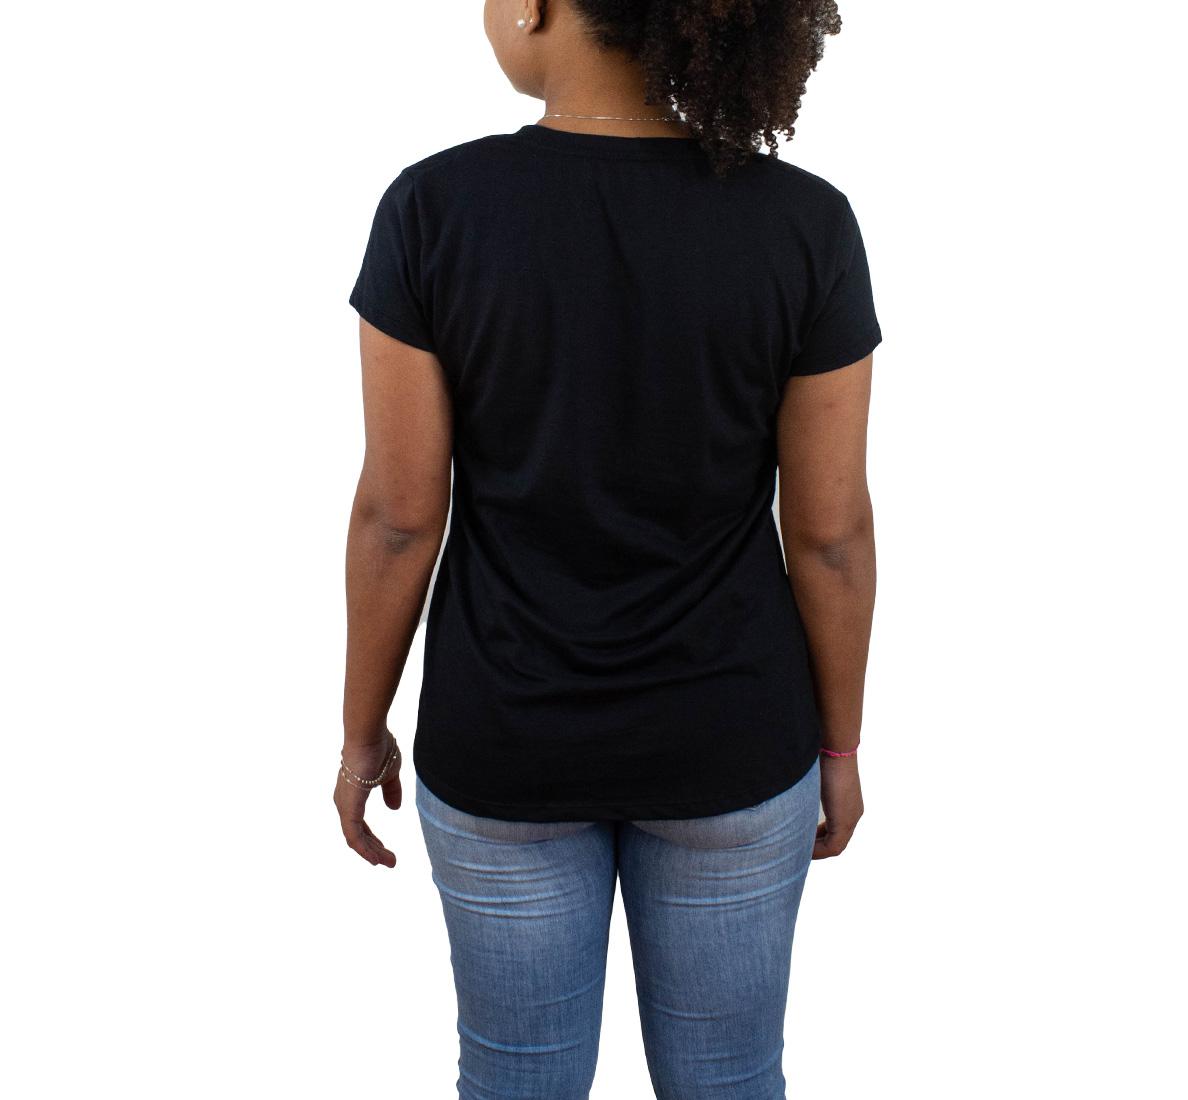 Camiseta Lifestyle Love Bike Black Fem - 2022